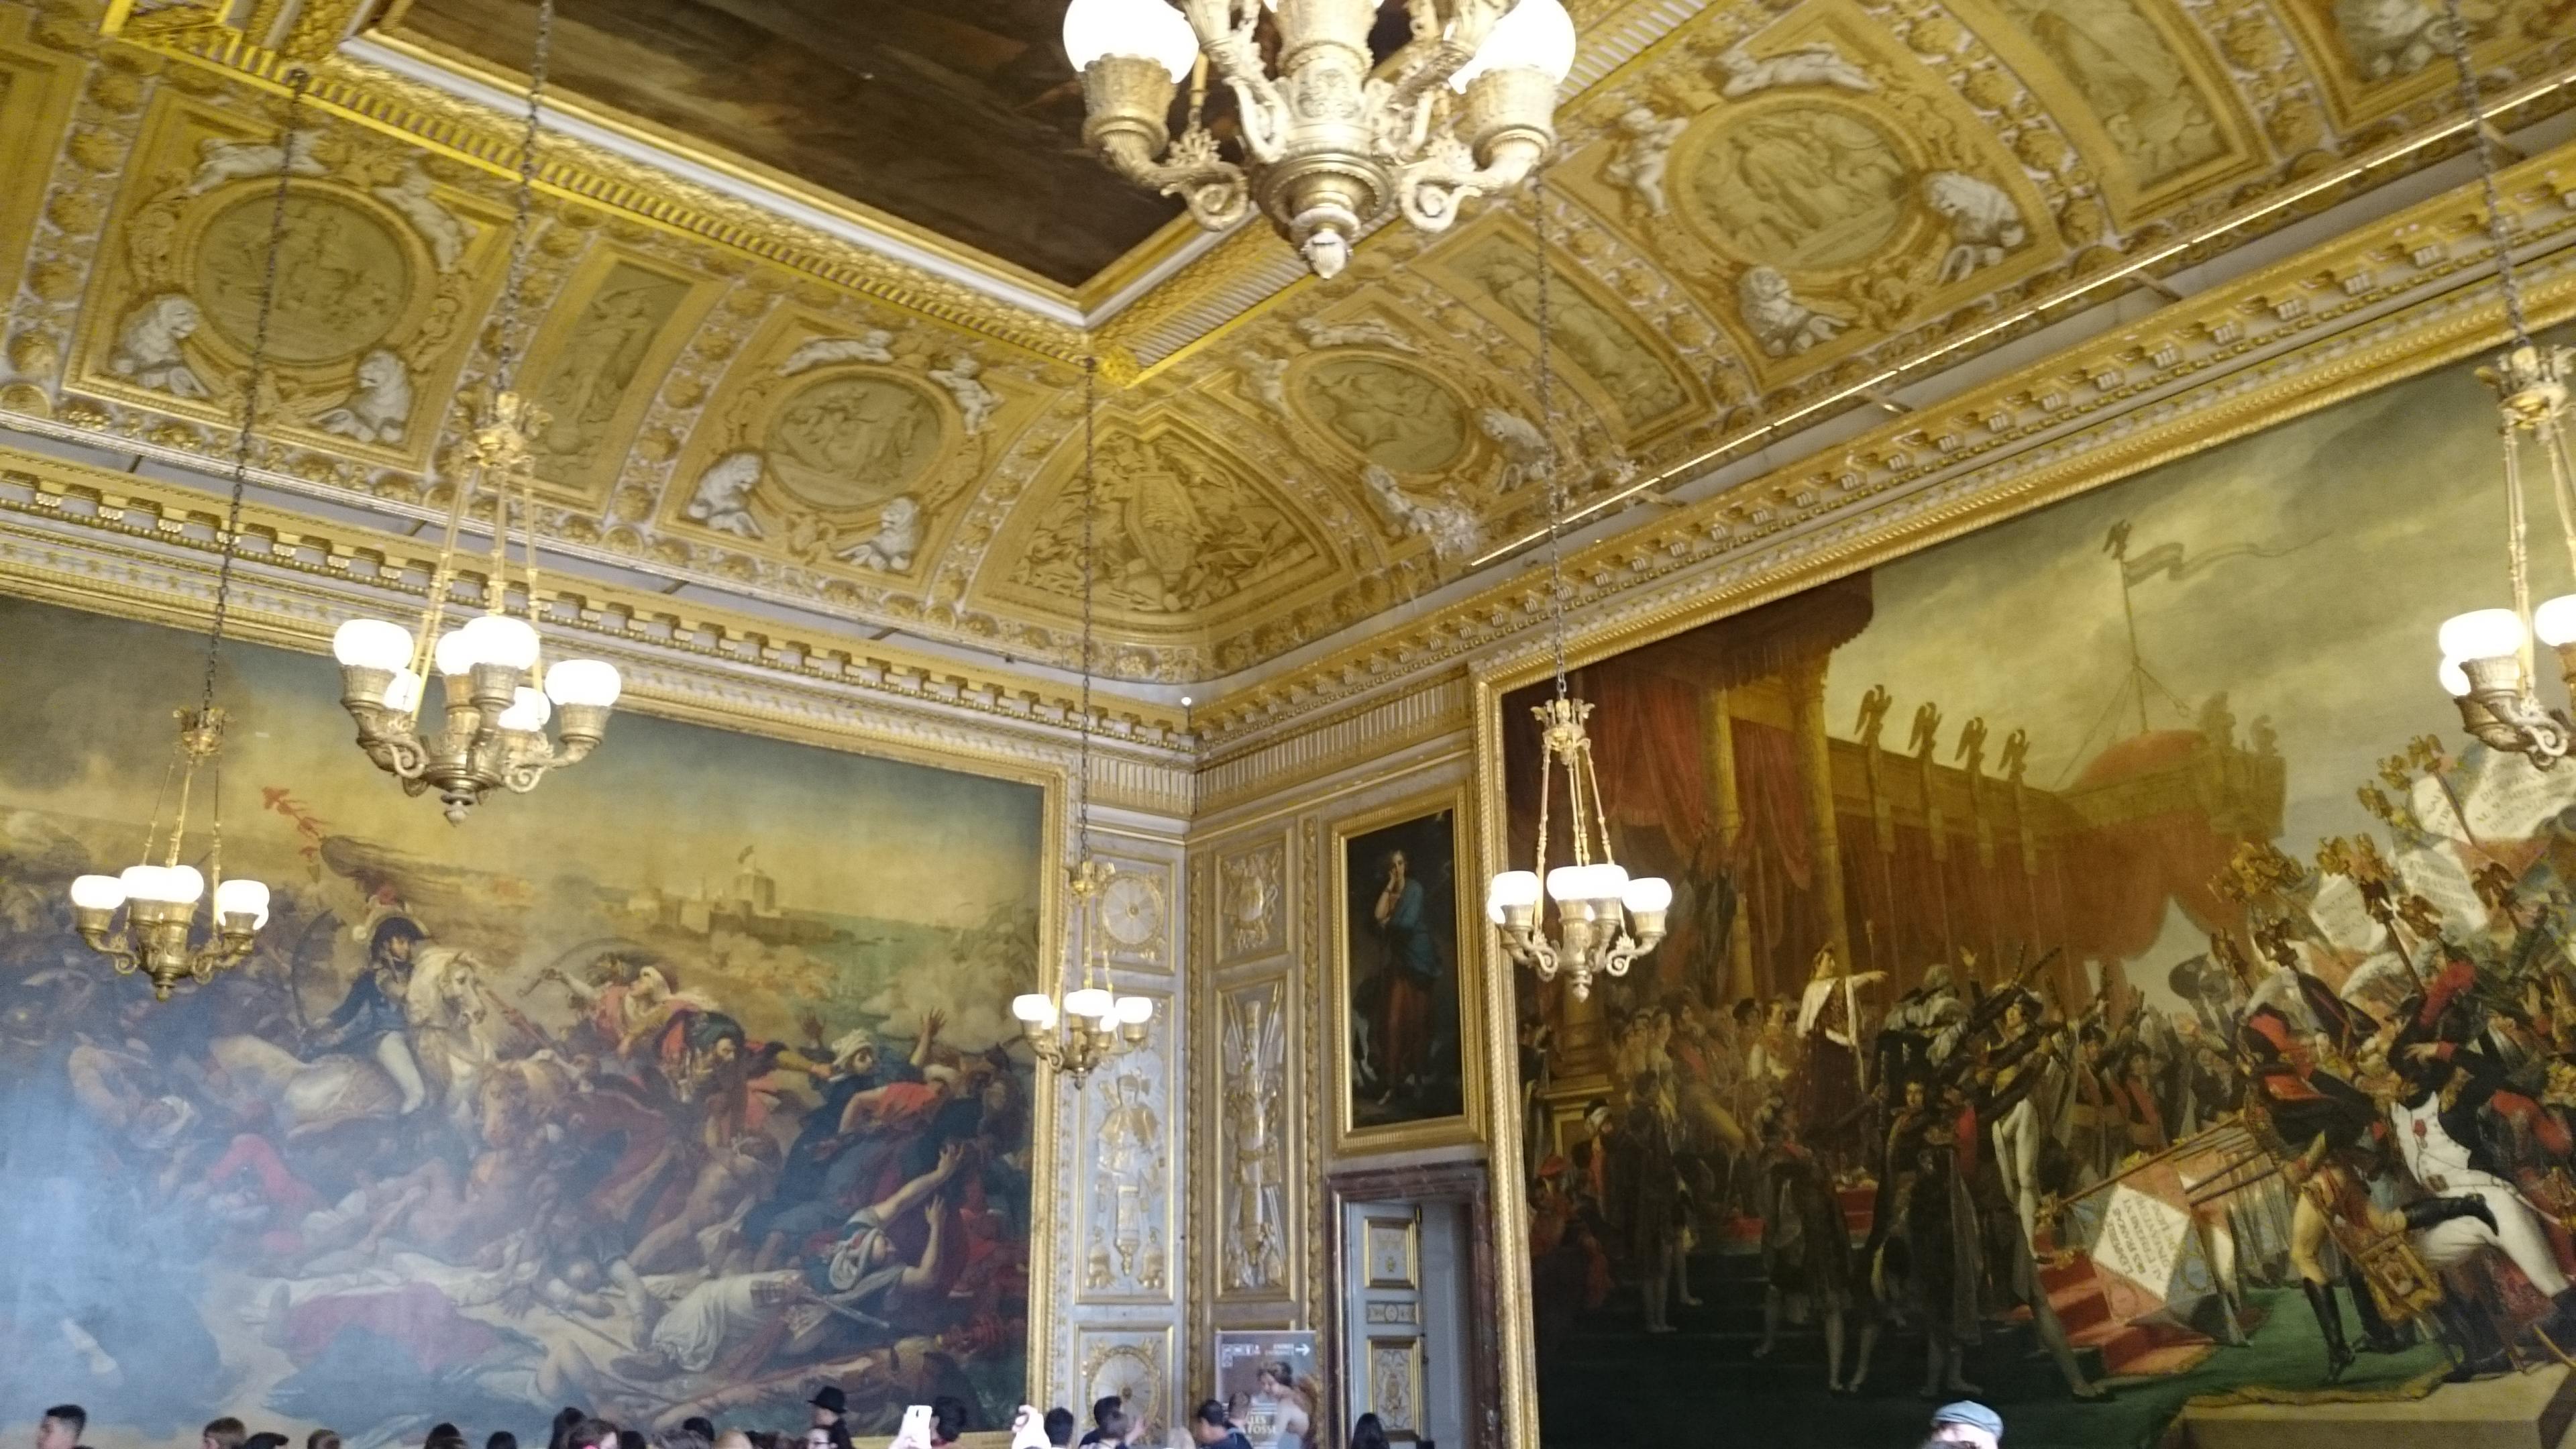 dsc 14041 - Visita al Palacio de Versalles: Como ir, cuanto cuesta y tips III/III